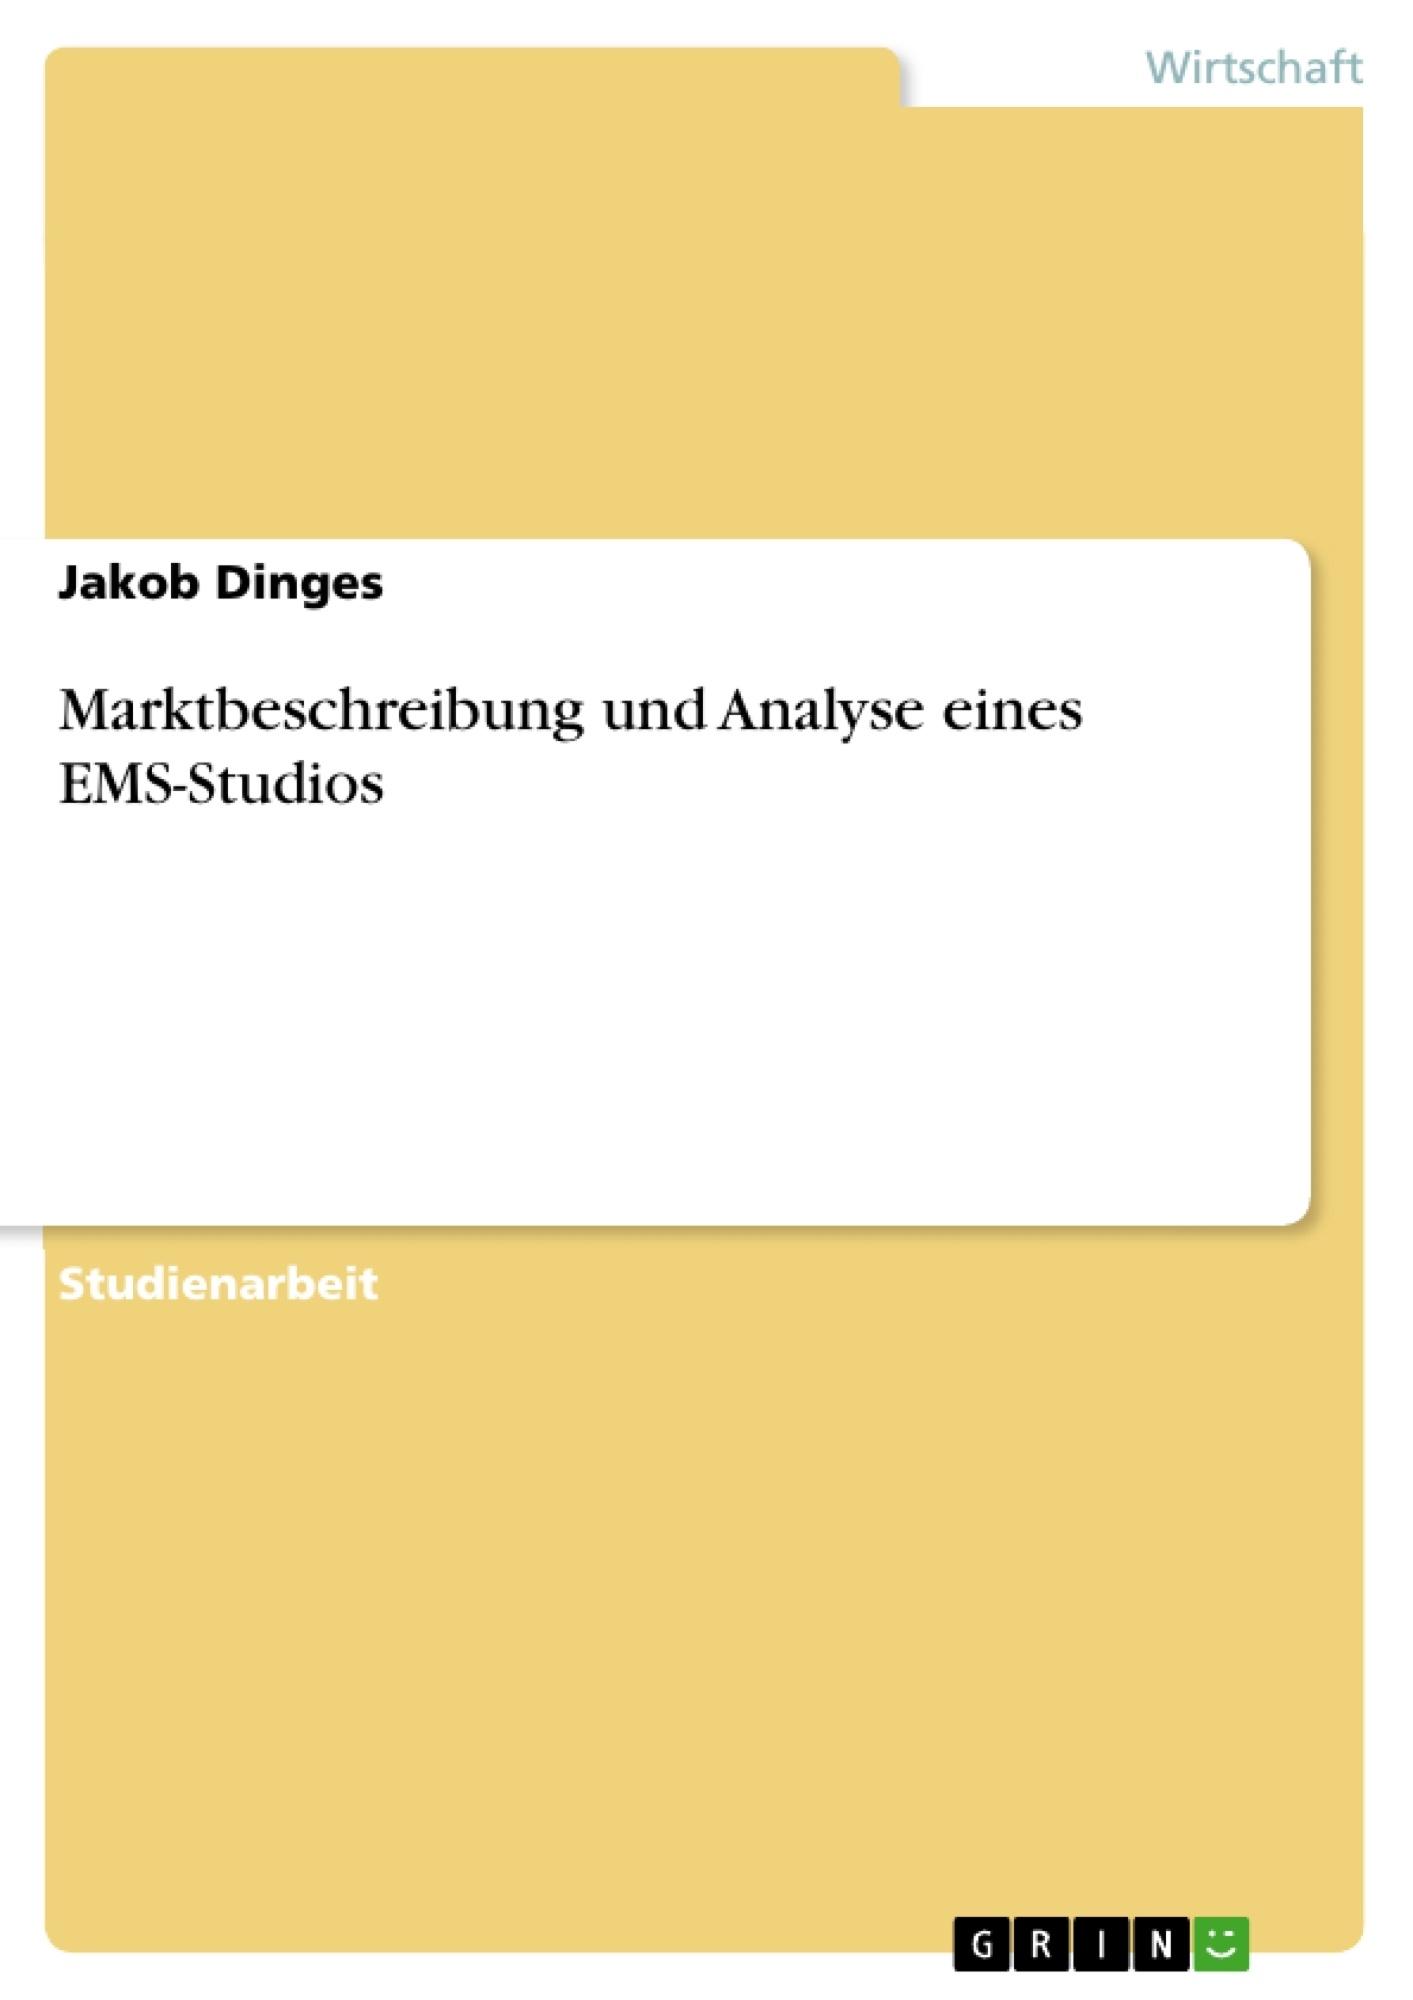 Titel: Marktbeschreibung und Analyse eines EMS-Studios